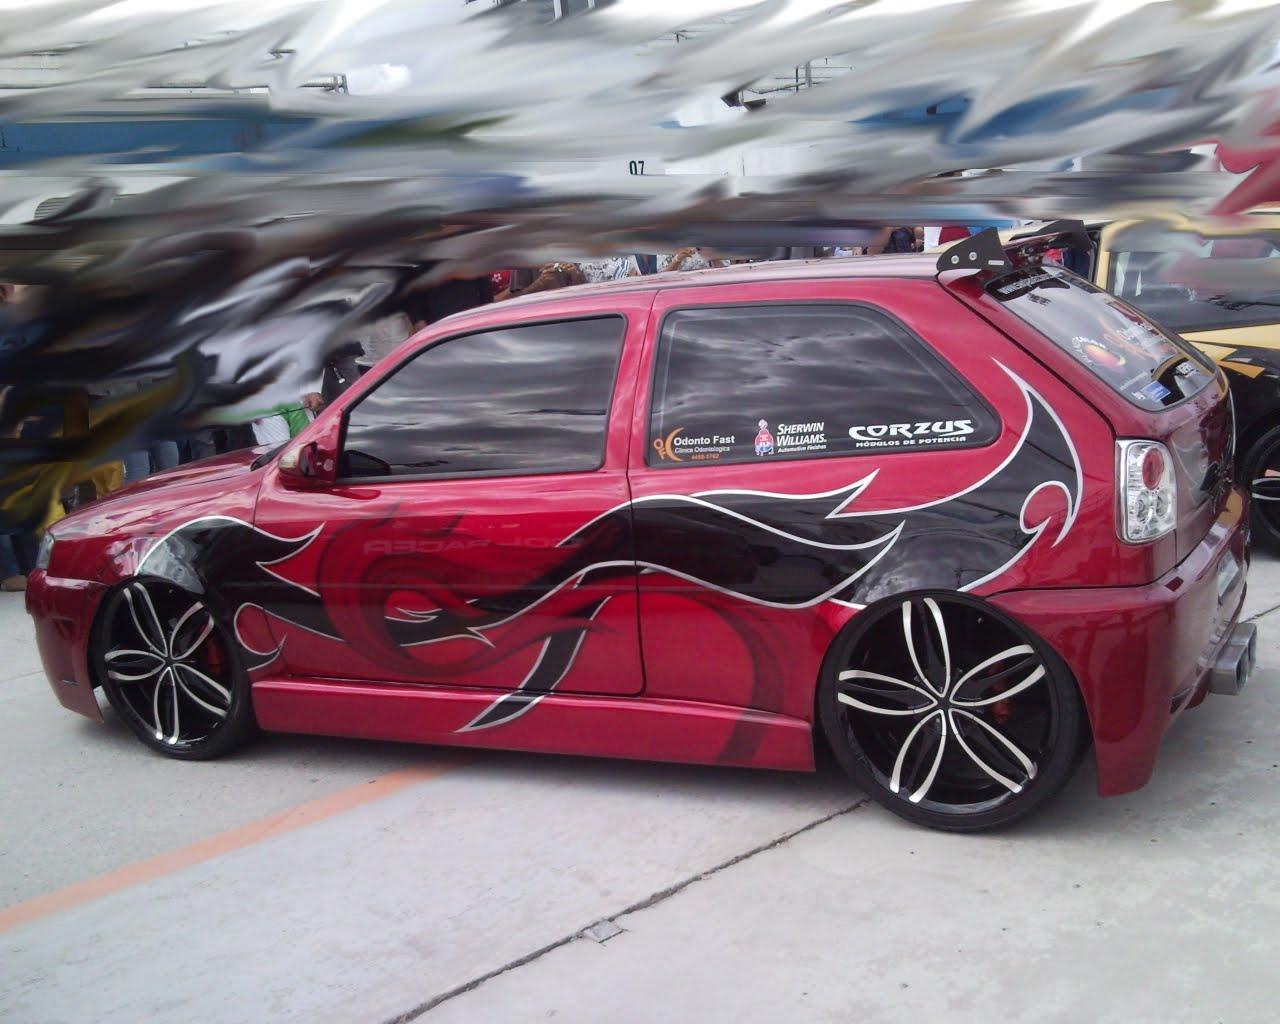 Volkswagen Gol Bolinha Tunado Som E Rodas Rebaixado